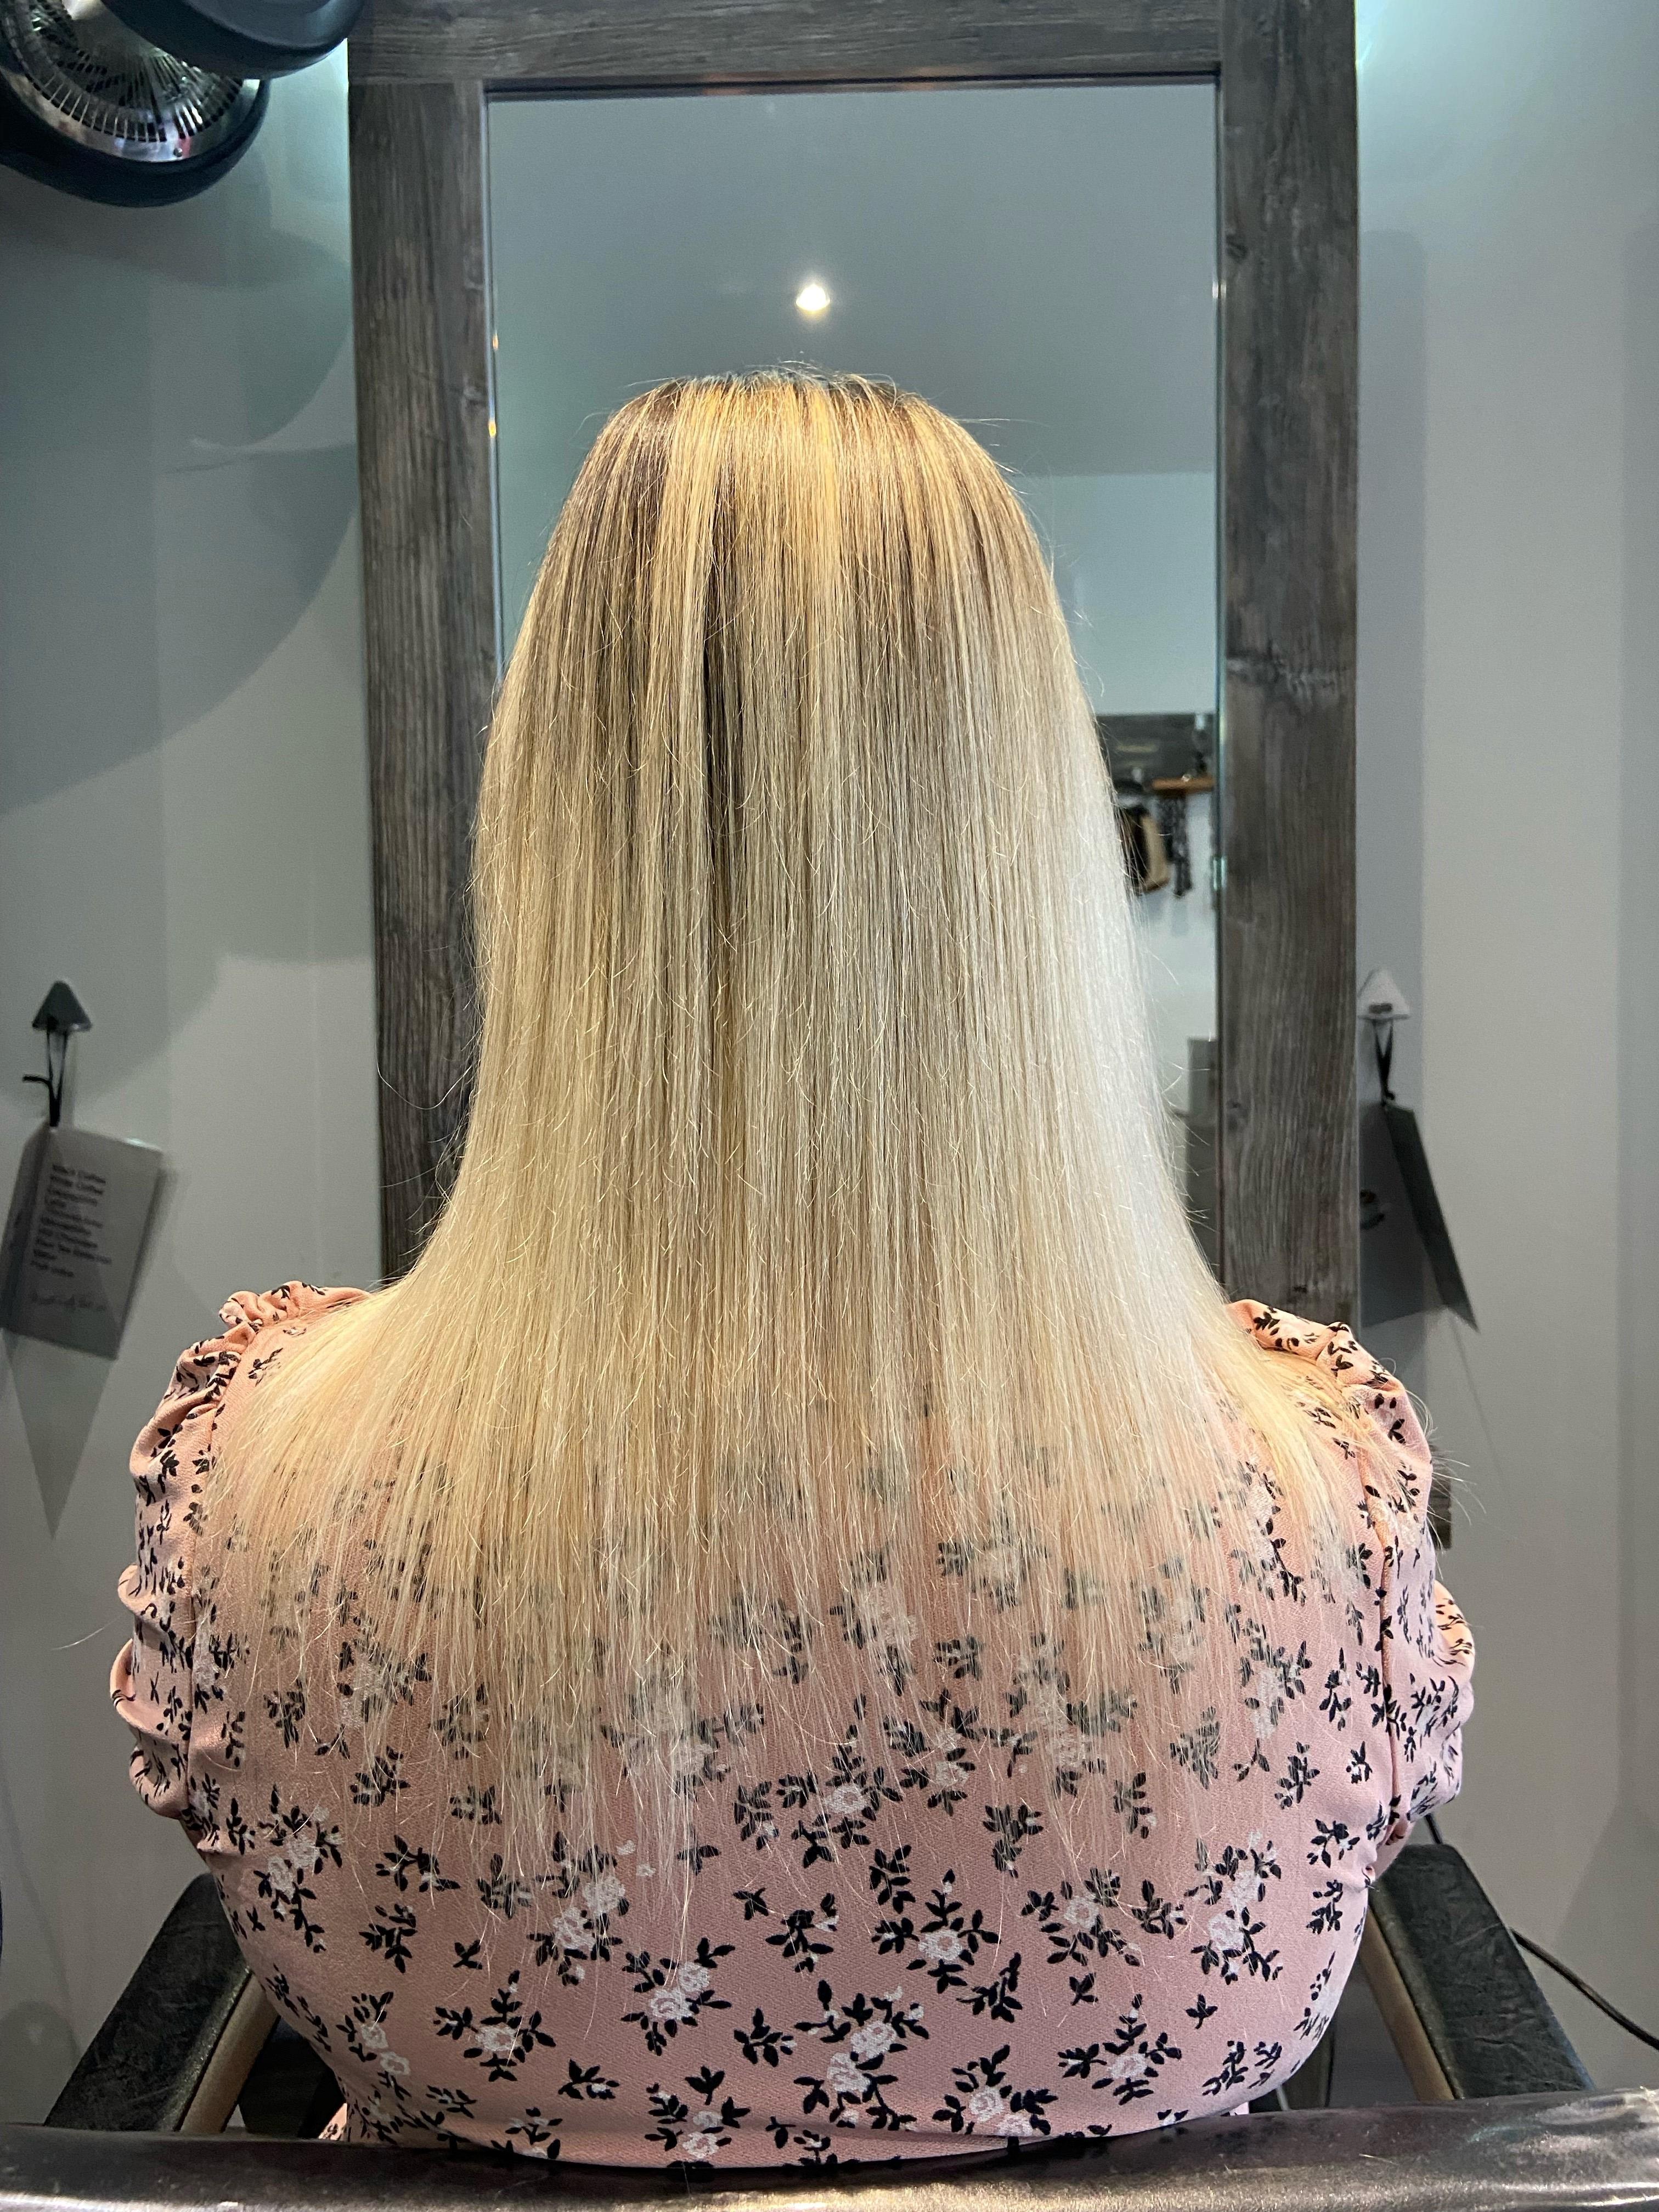 Mandy Delaney at Rosser Hairdressing (Before)